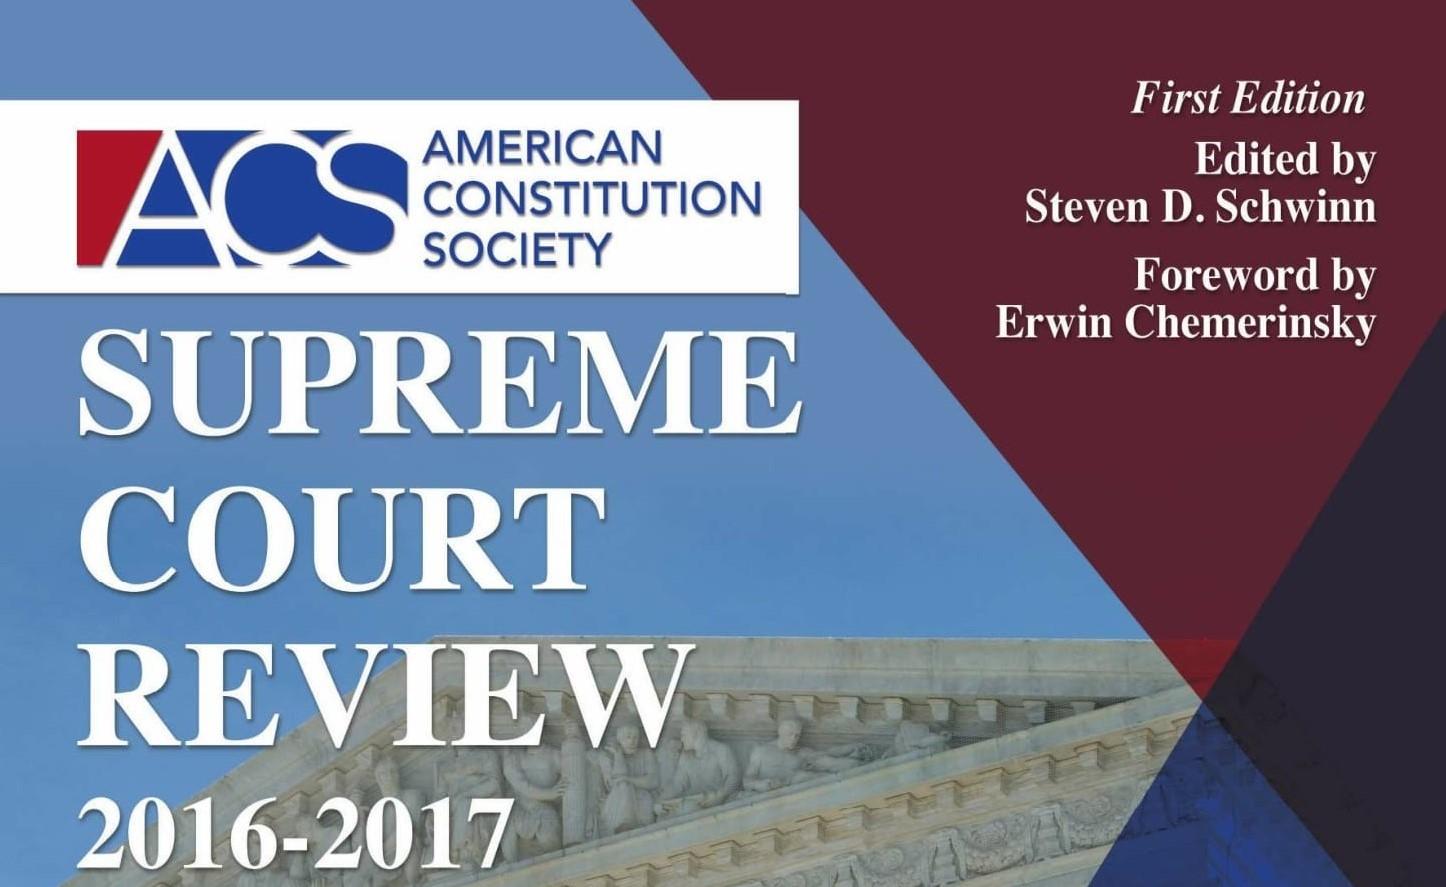 ACS_Supreme_Court_Review_16-17 crop 2